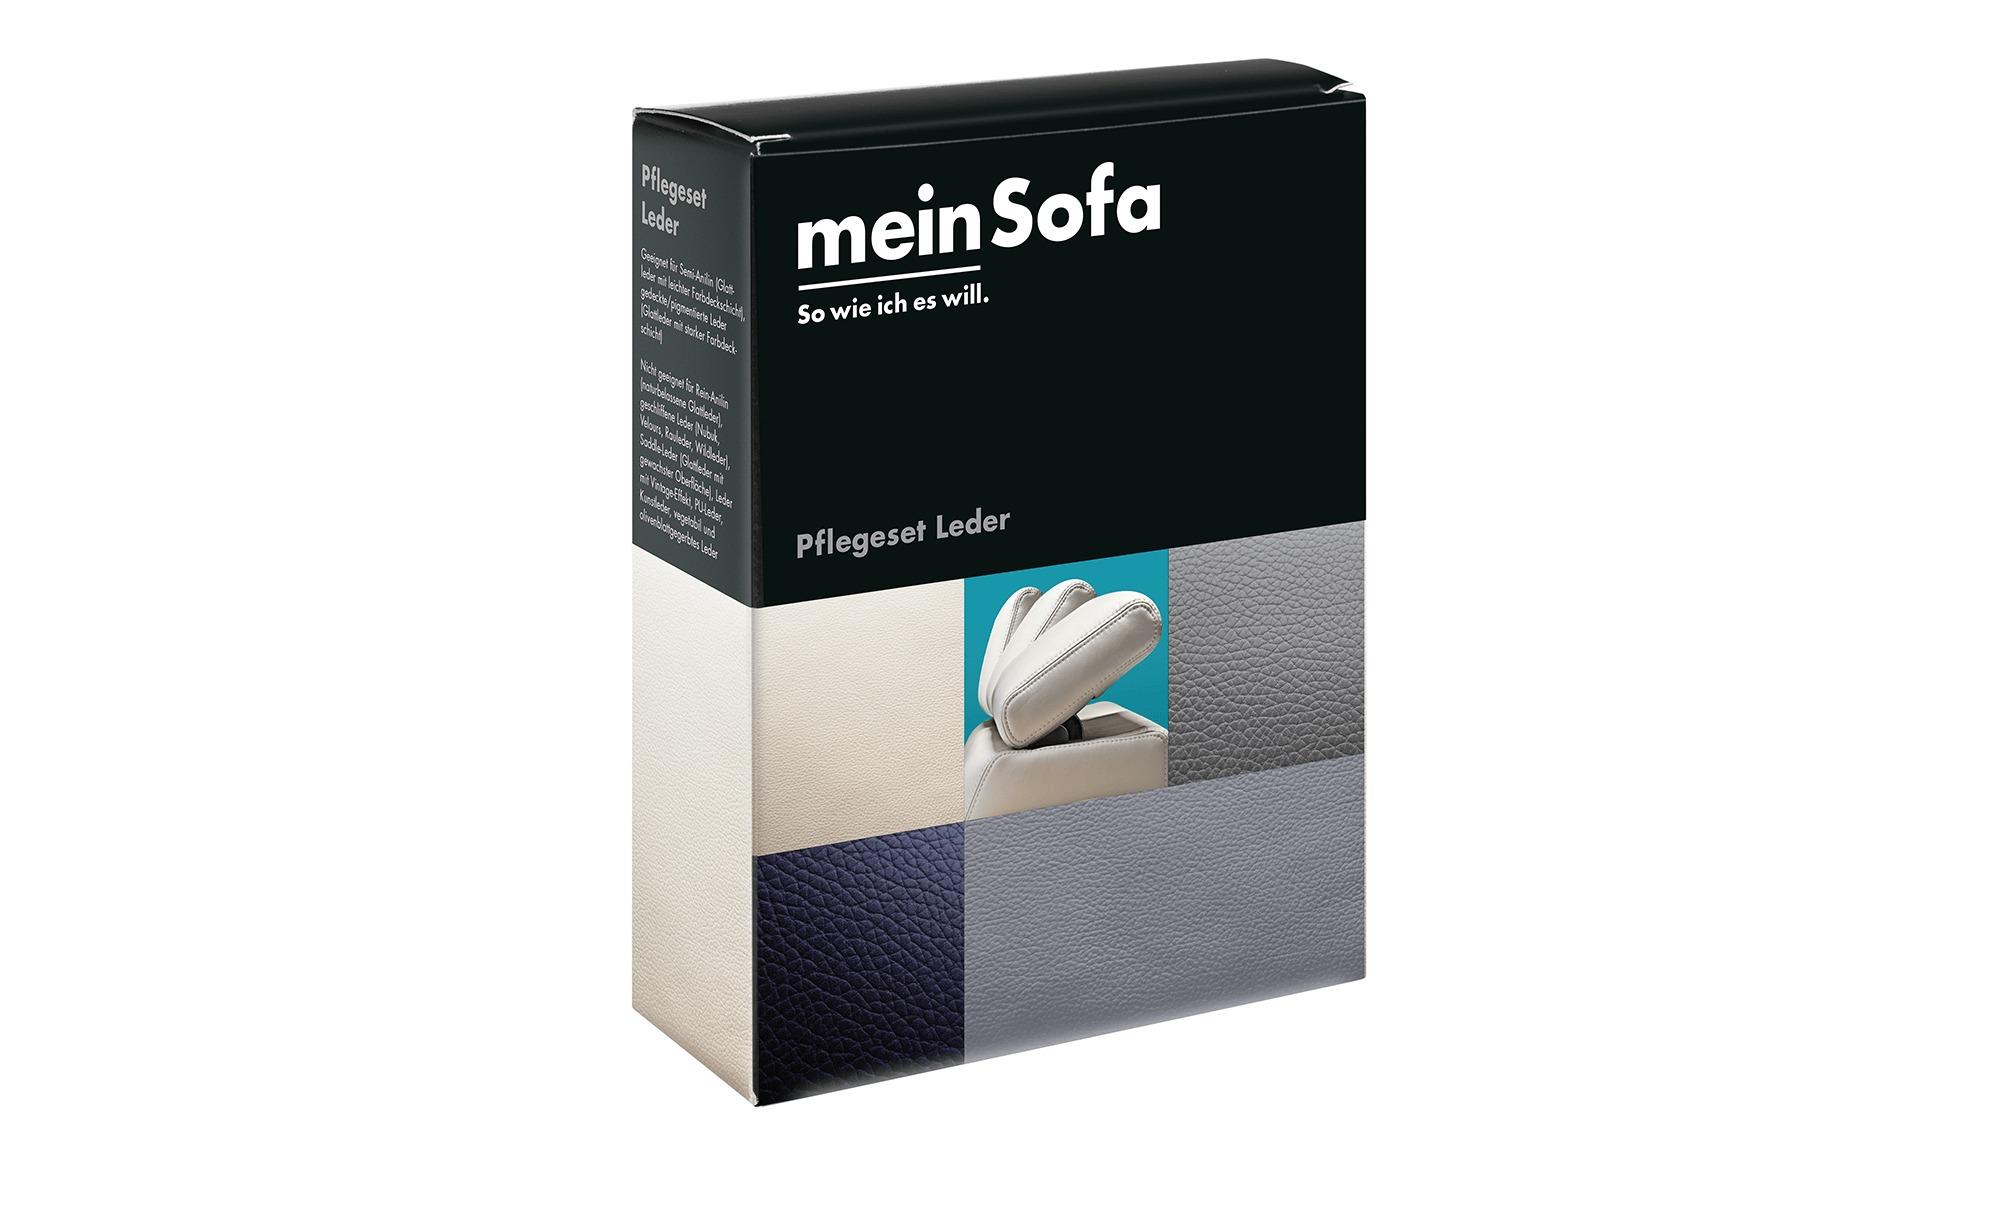 Pflegeset für Lederbezüge  Mein Sofa Polstermöbel > Polsterzubehör - Höffne günstig online kaufen